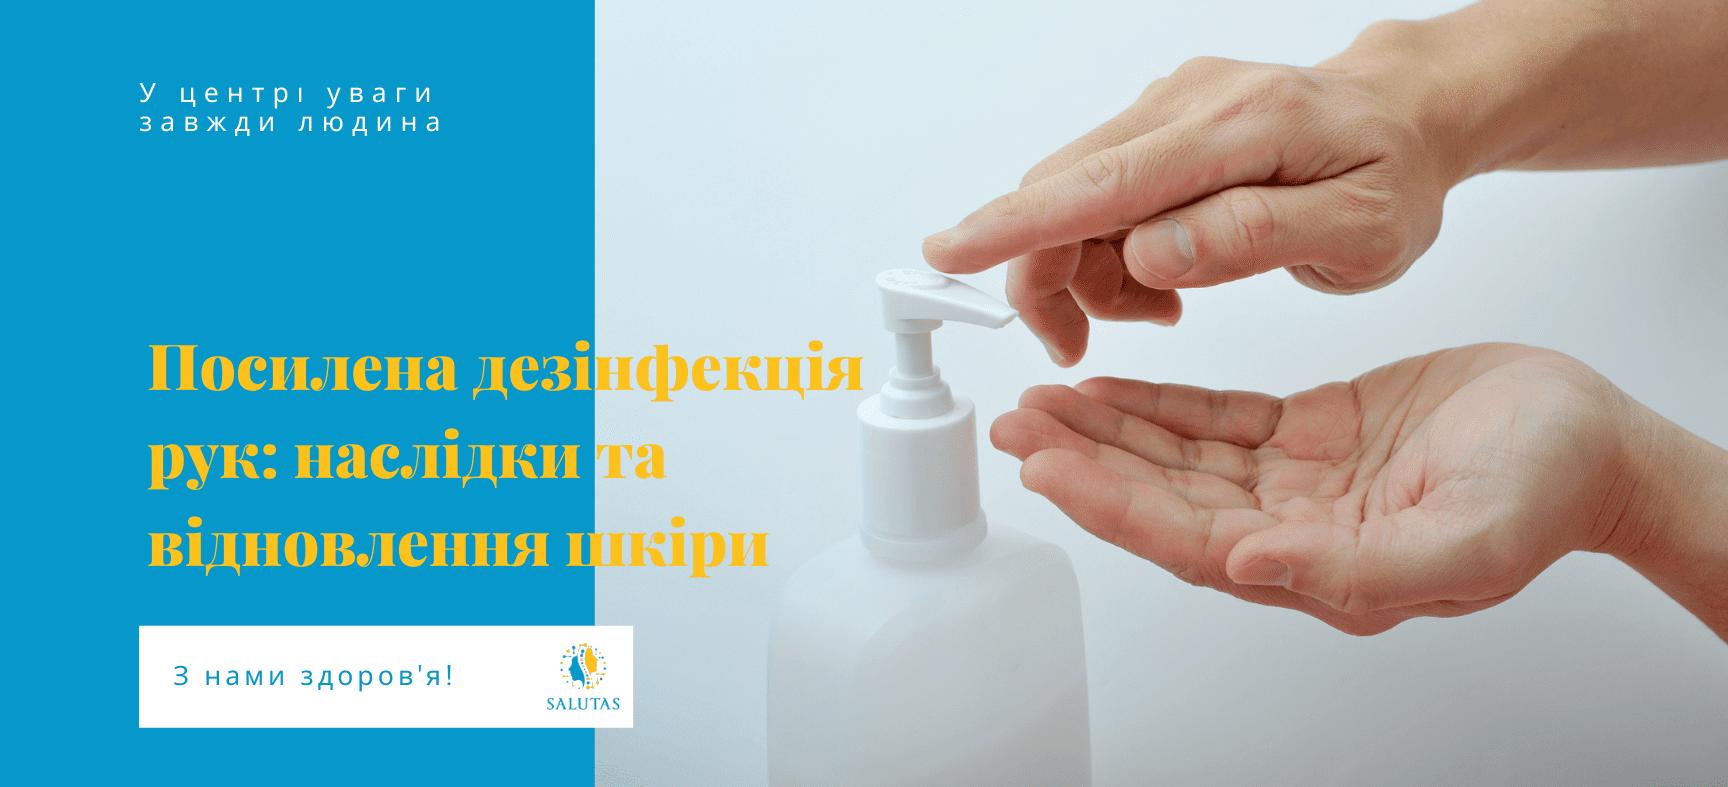 Наслідки дезінфекції рук